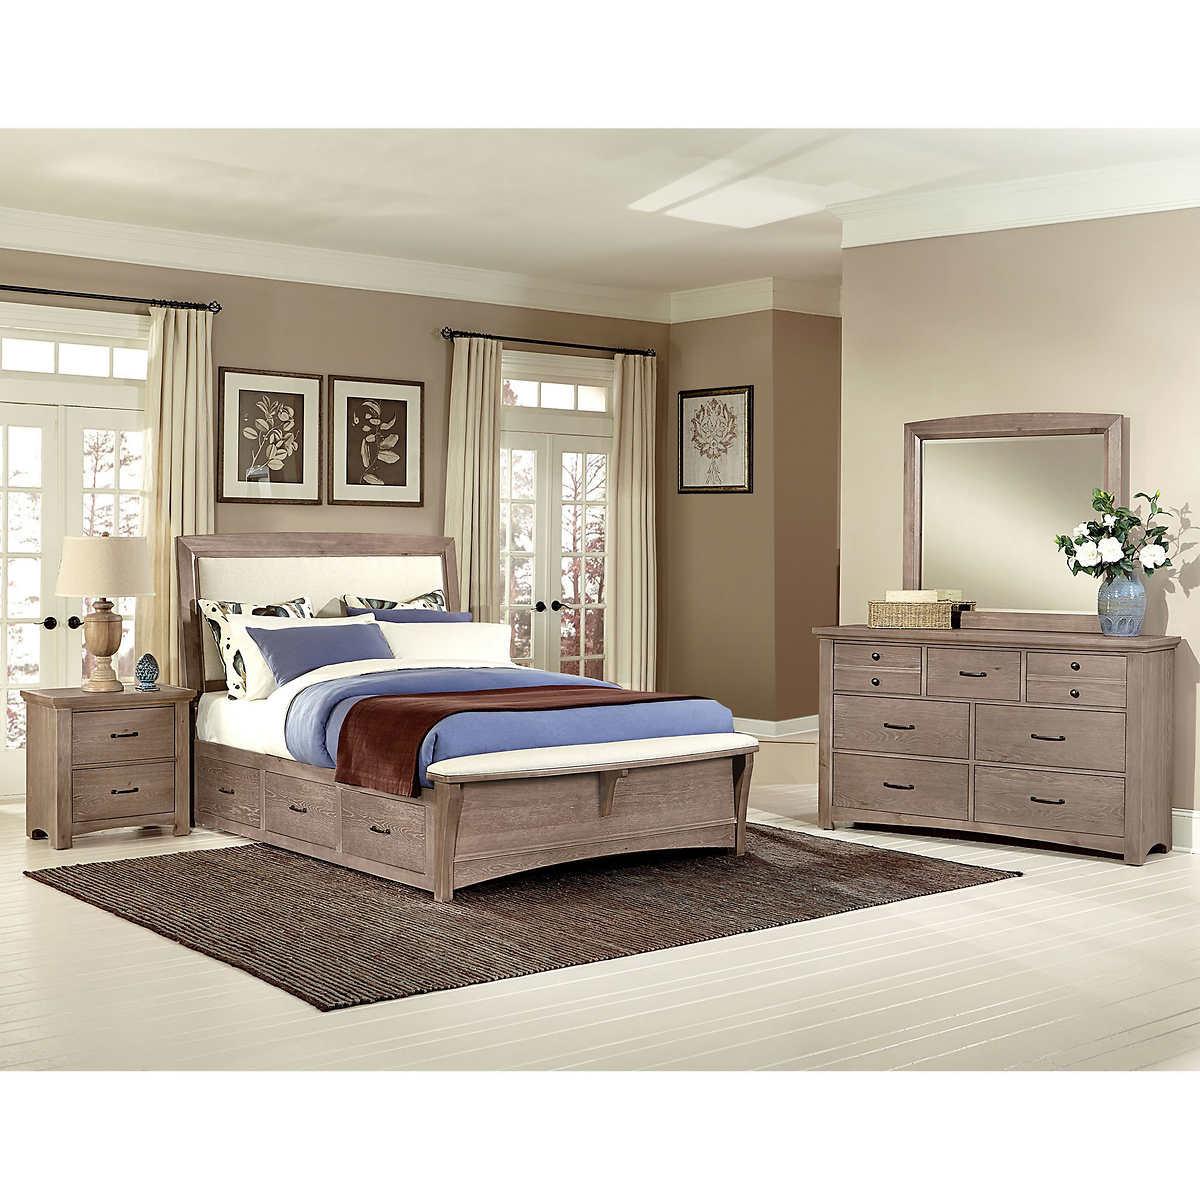 Chambers Dual Storage 5 Piece Queen Bedroom Set